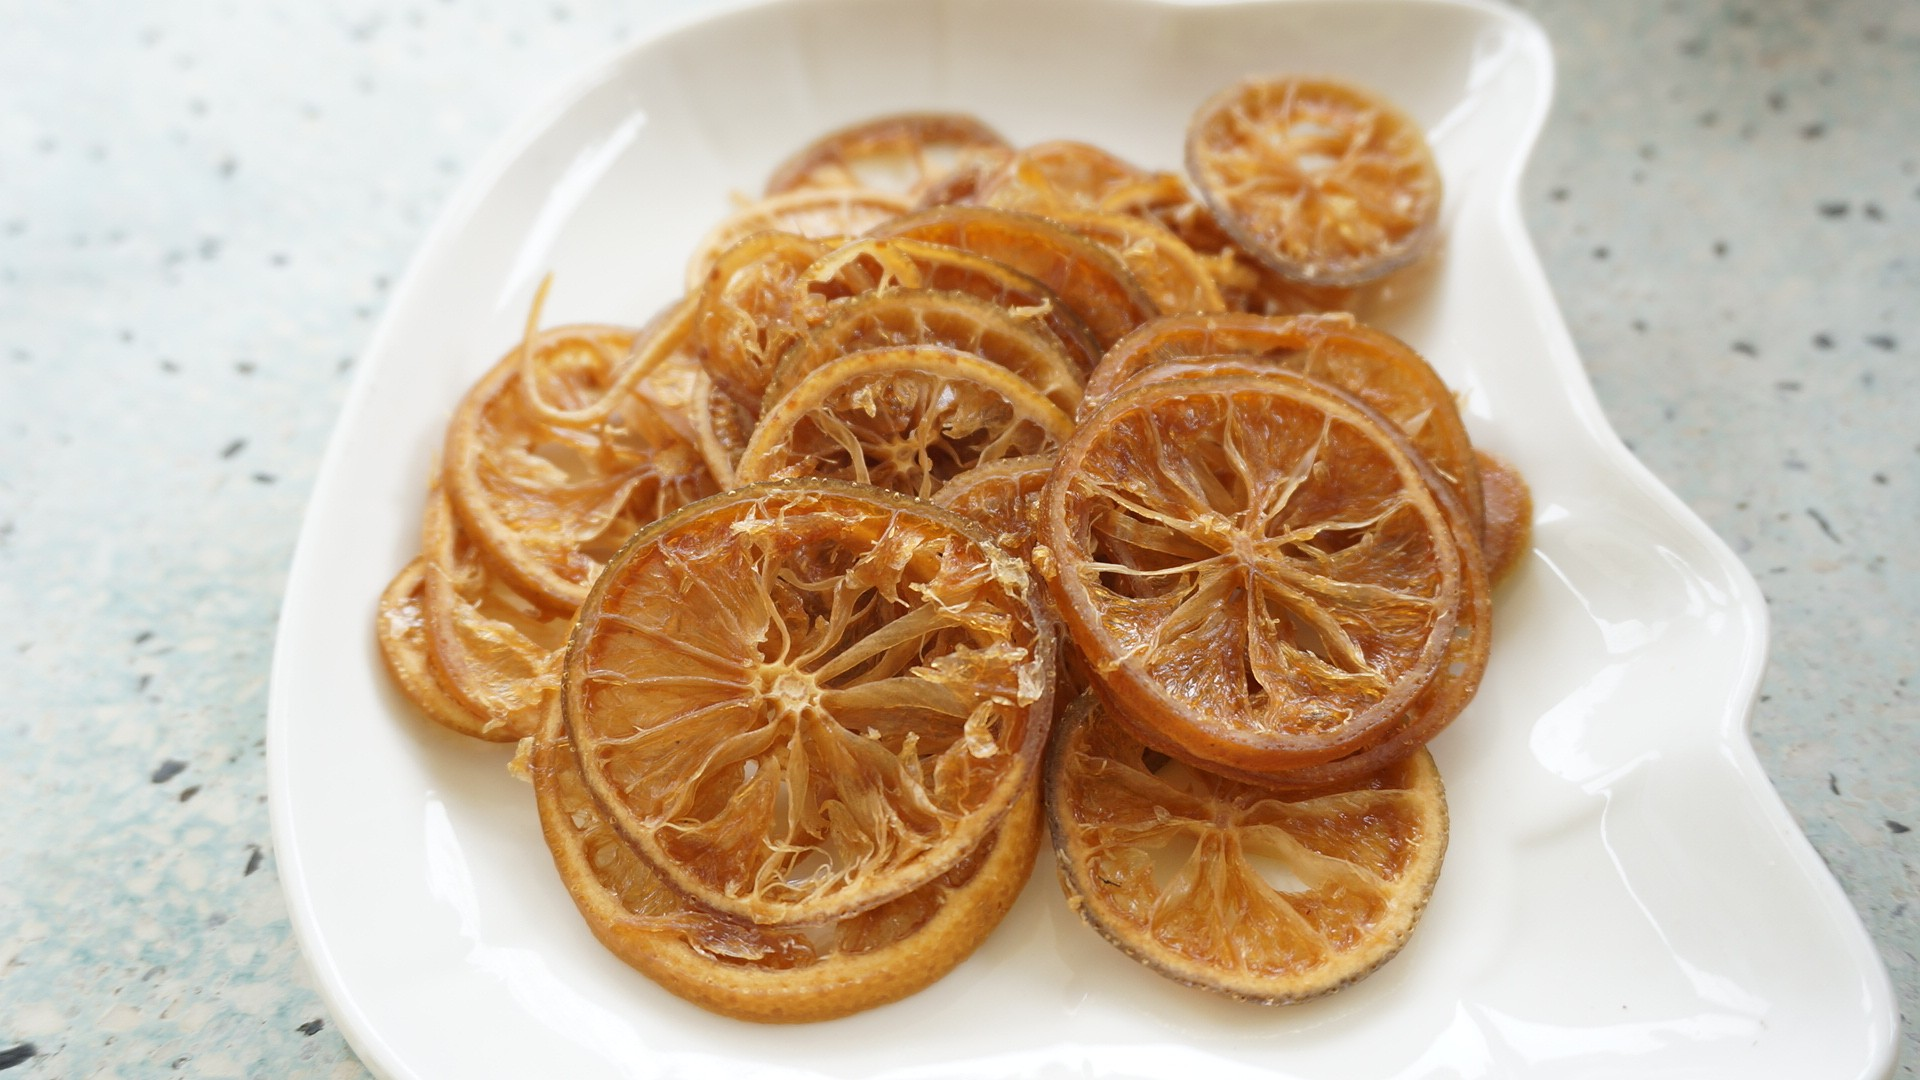 晶饌檸檬乾 | 無籽檸檬乾 | 日曬方式檸檬乾 | 泡茶零嘴